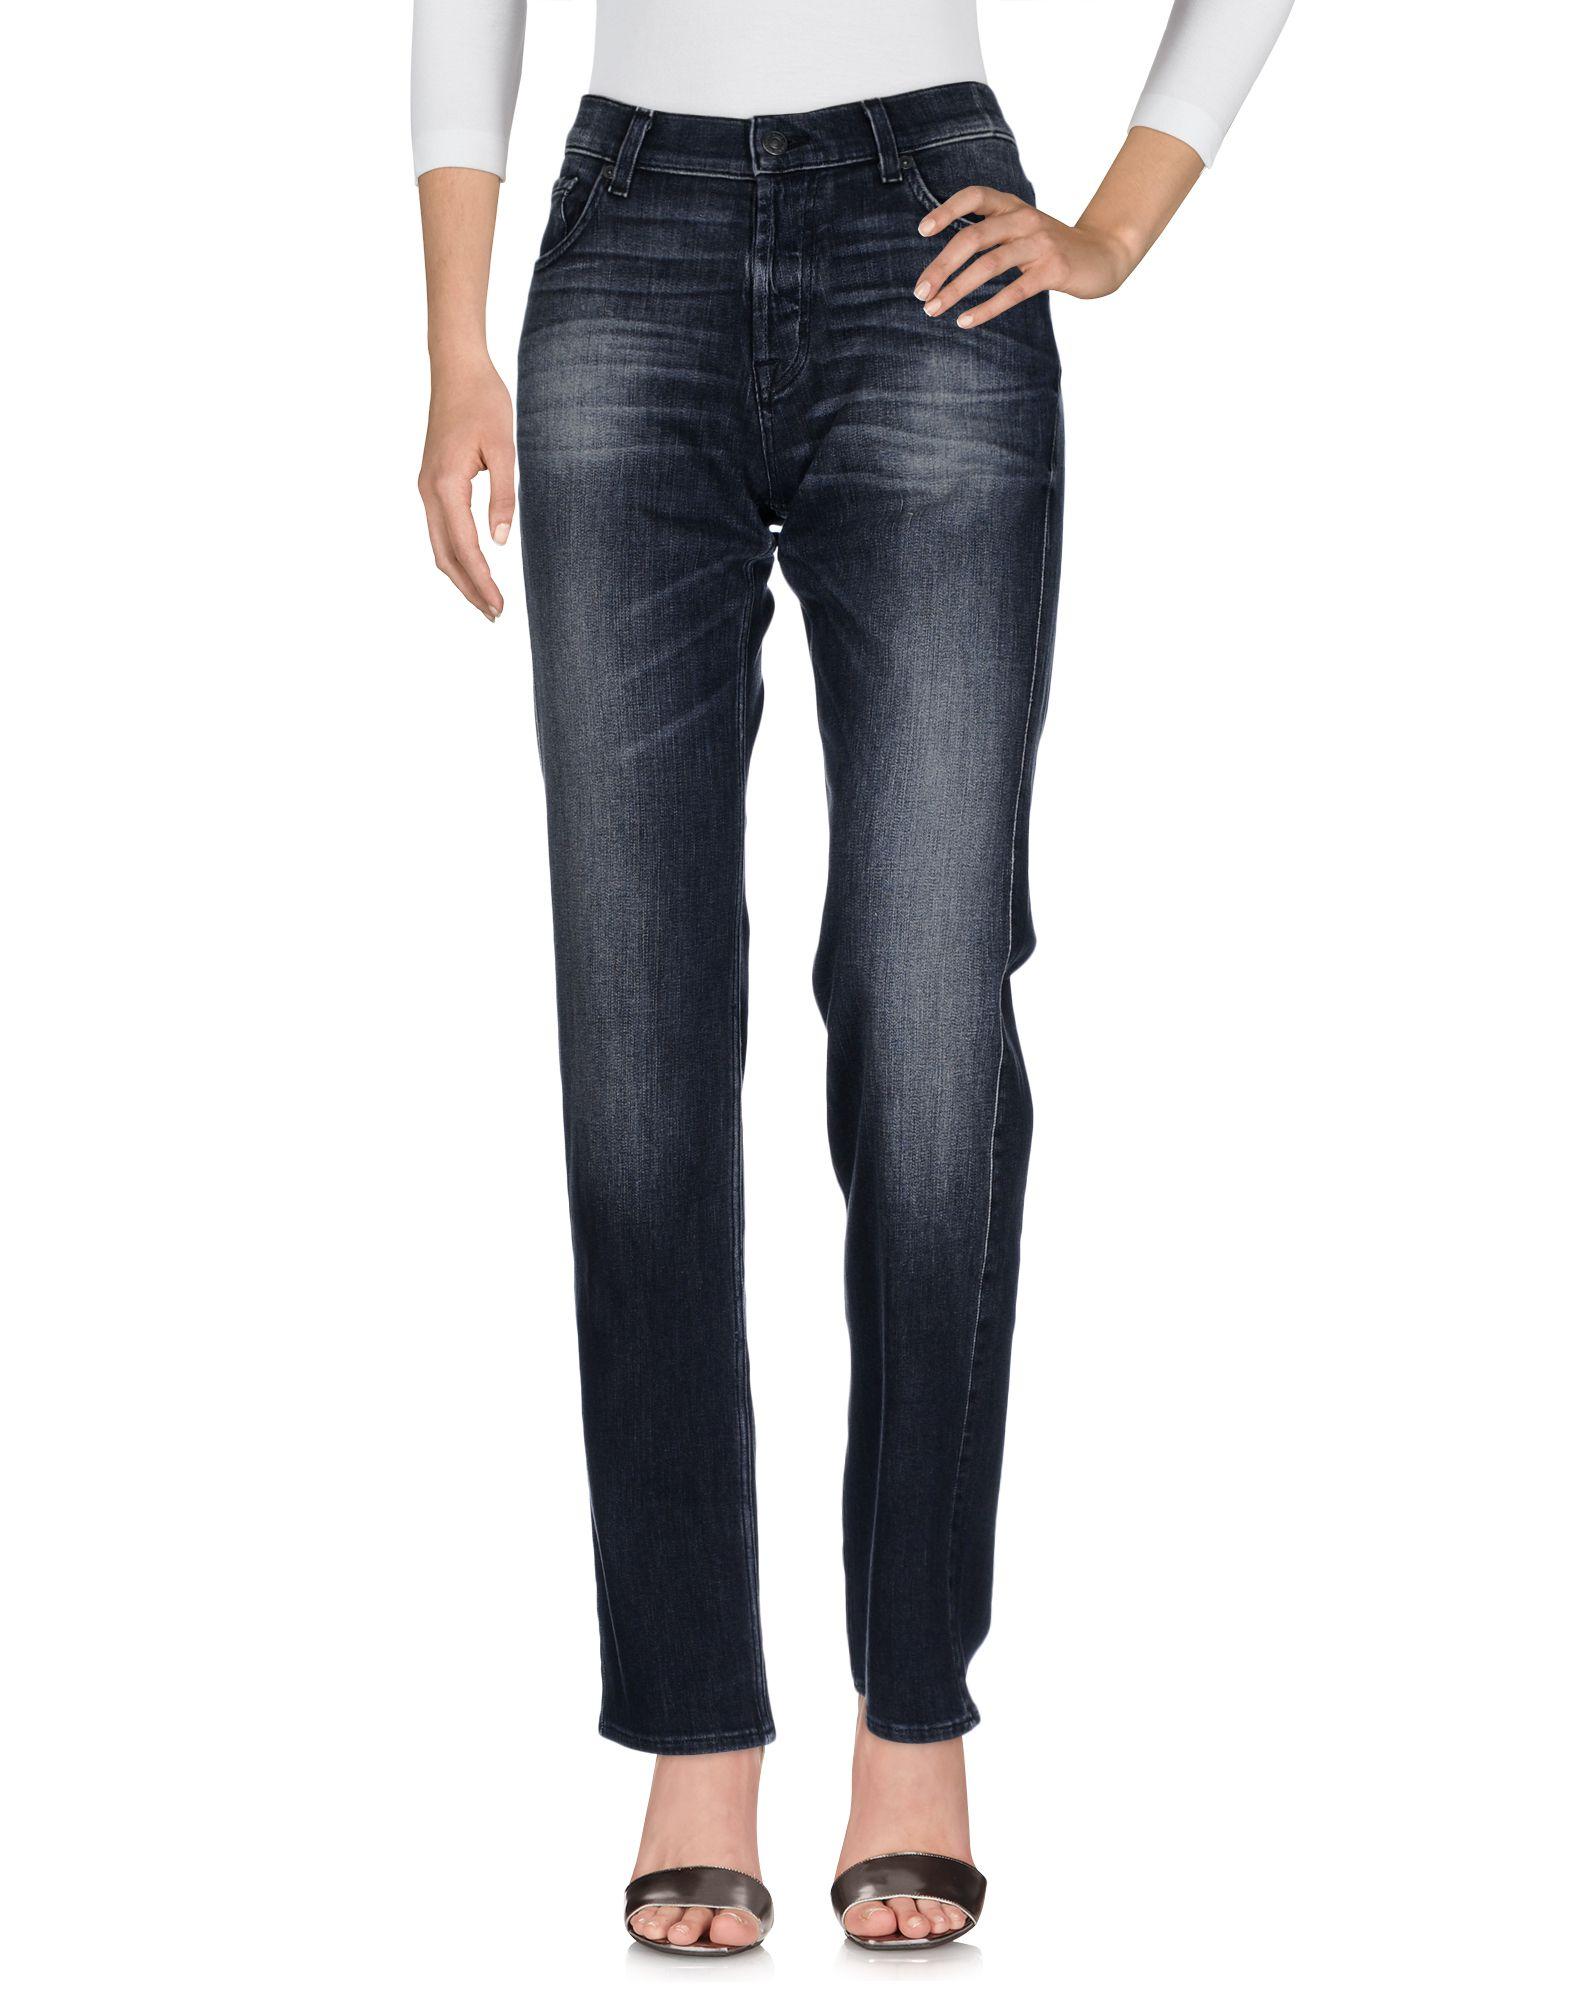 Pantaloni Jeans 7 For All Mankind Donna - Acquista online su KaA31tTq